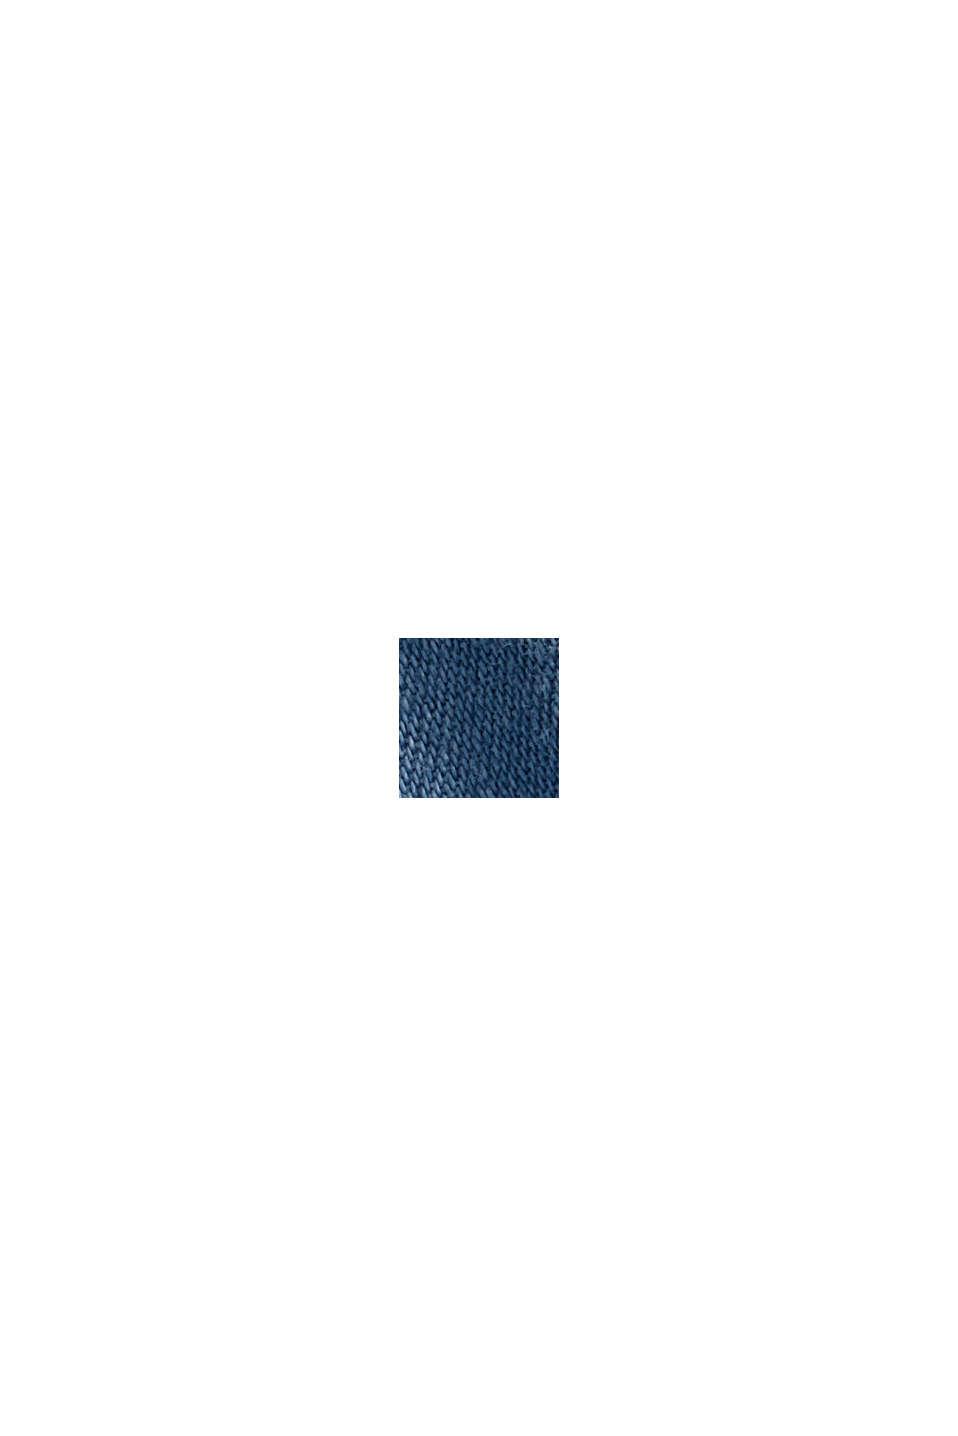 Con lino: falda vaquera de estilo paperbag, BLUE LIGHT WASHED, swatch